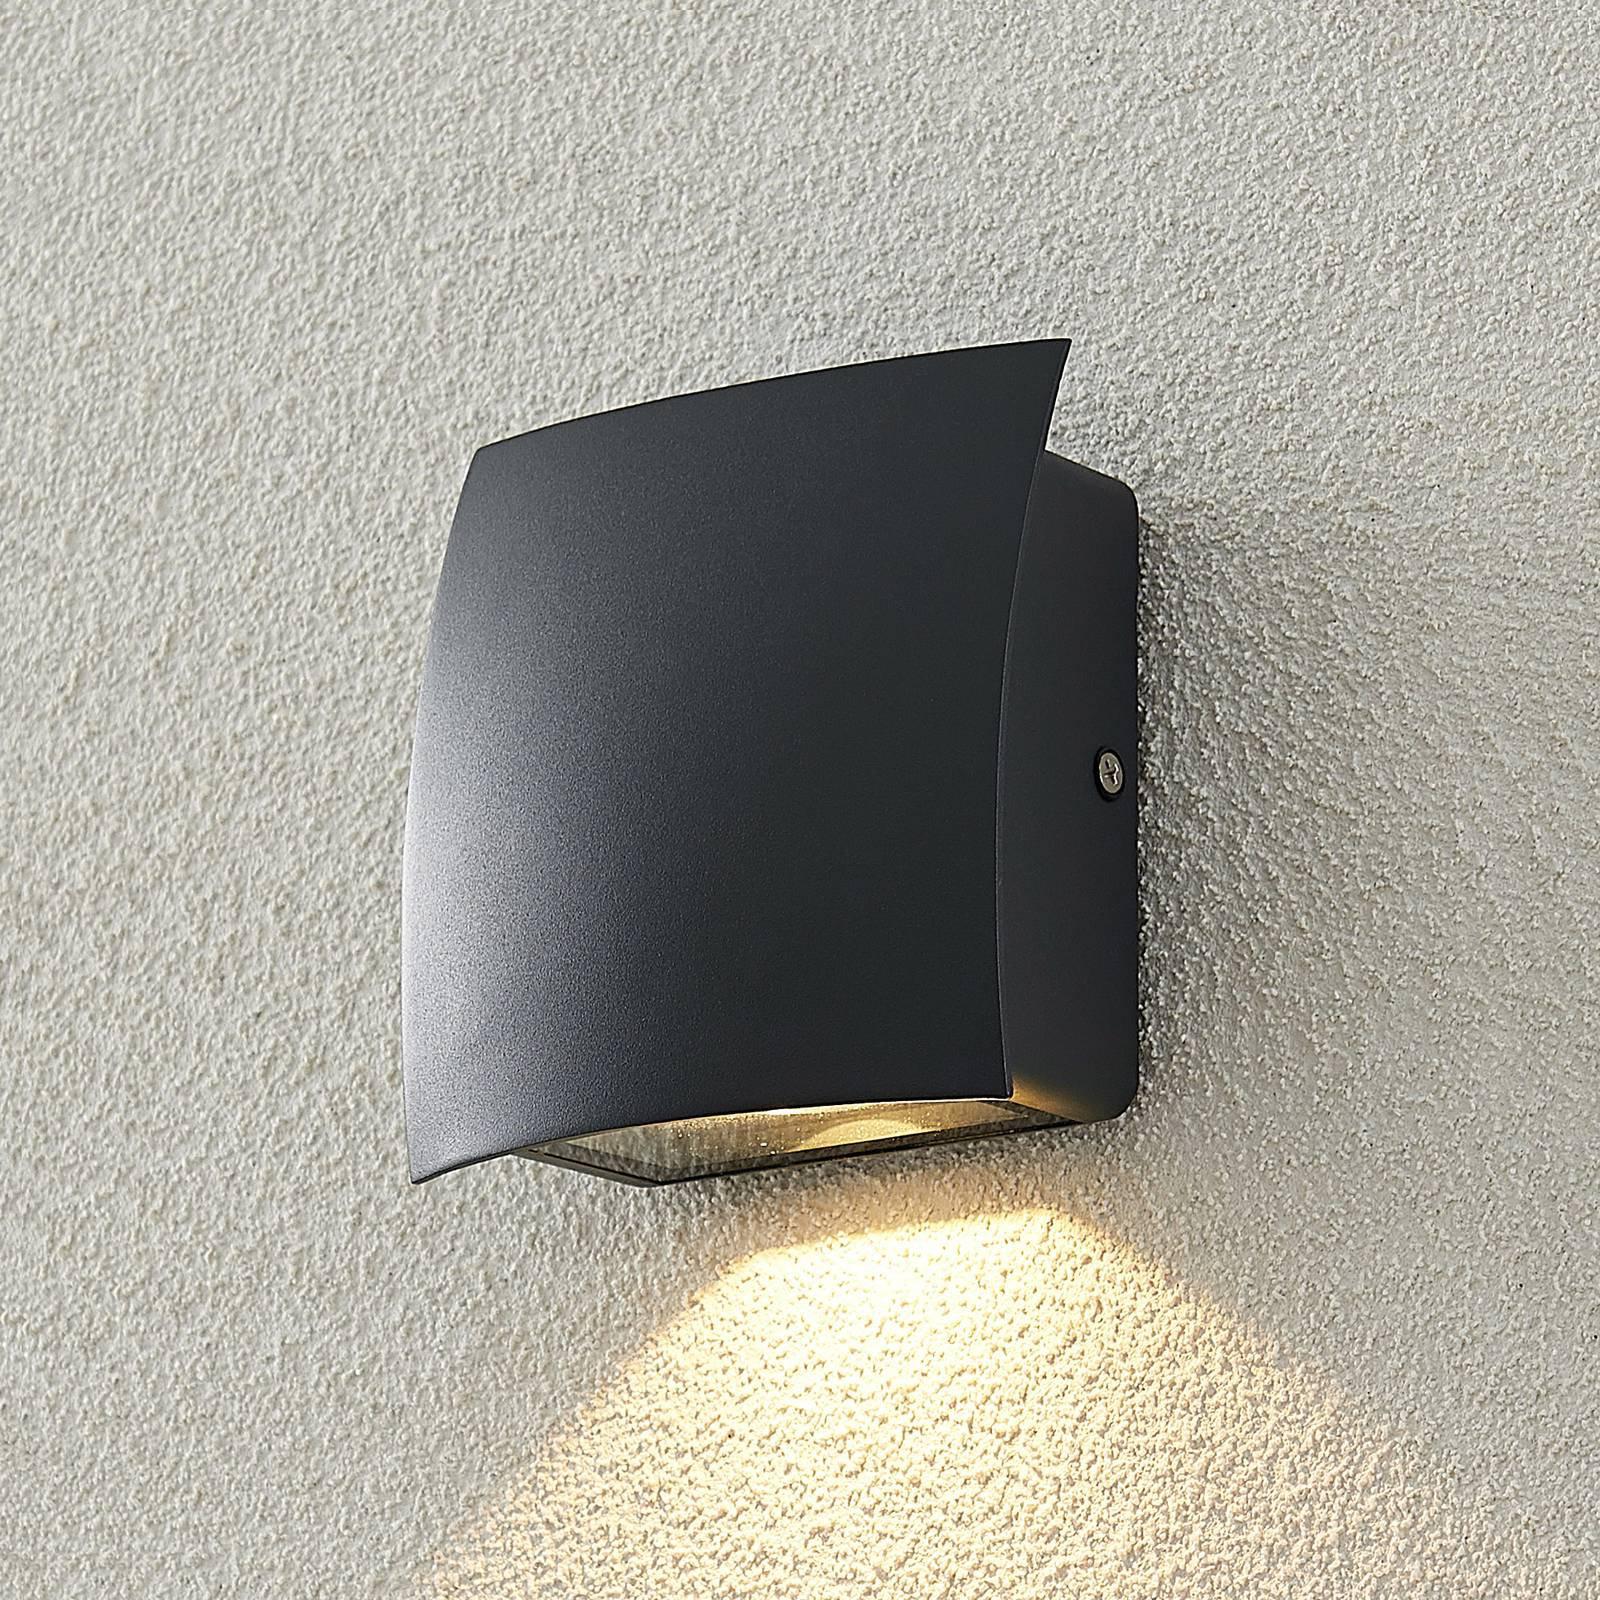 ELC Mircalio utendørs LED-vegglampe